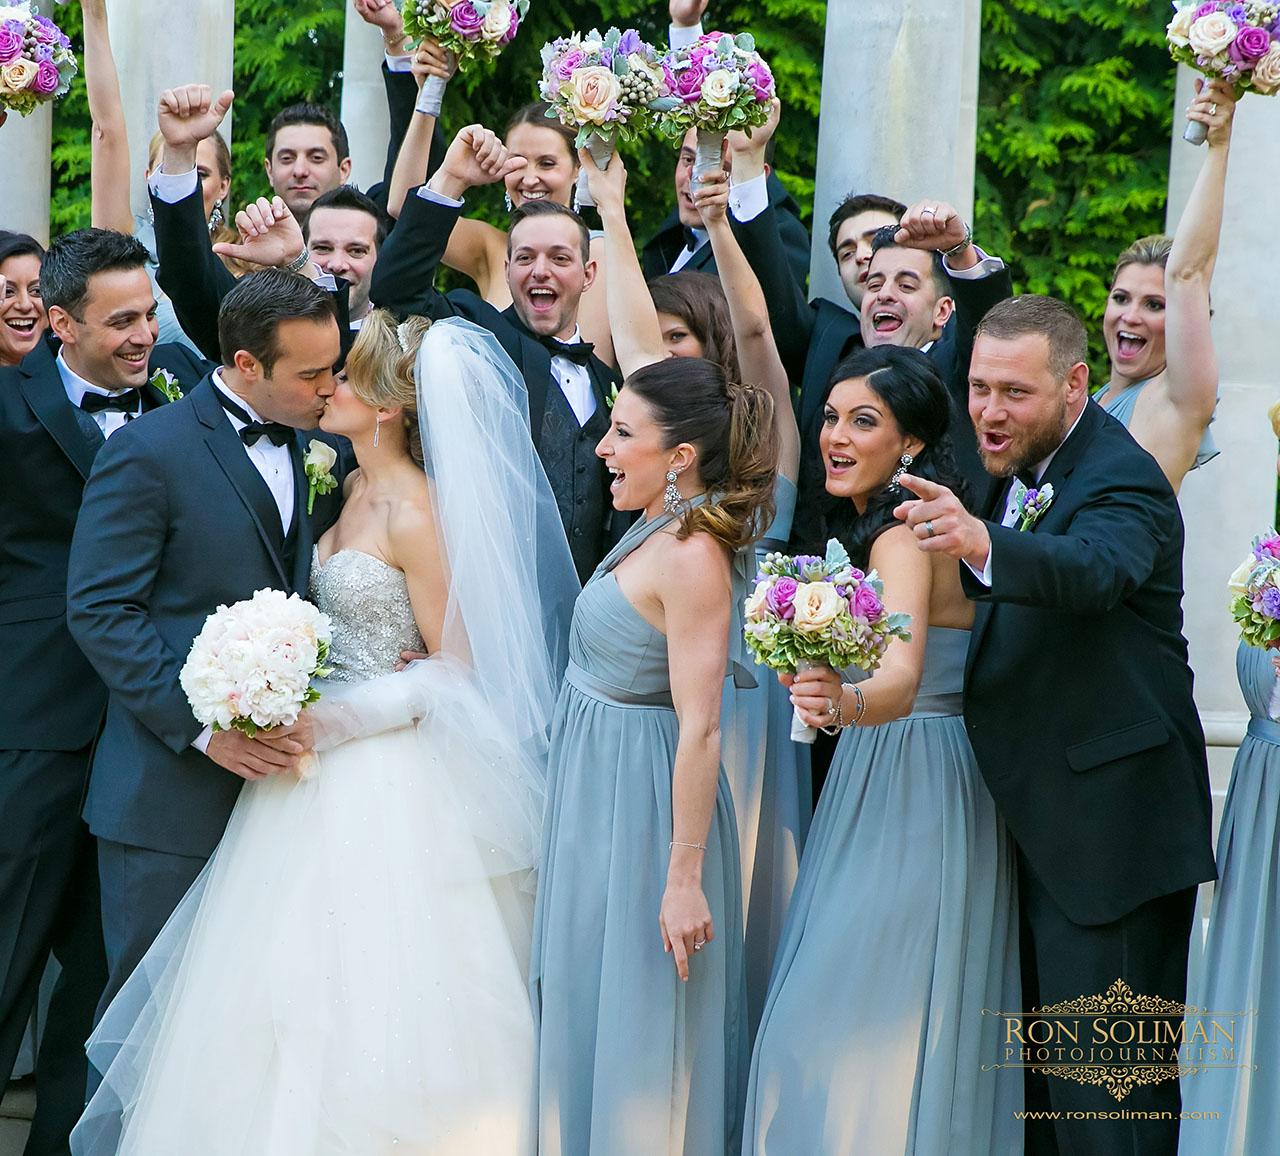 FLORENTINE GARDENS WEDDING 43